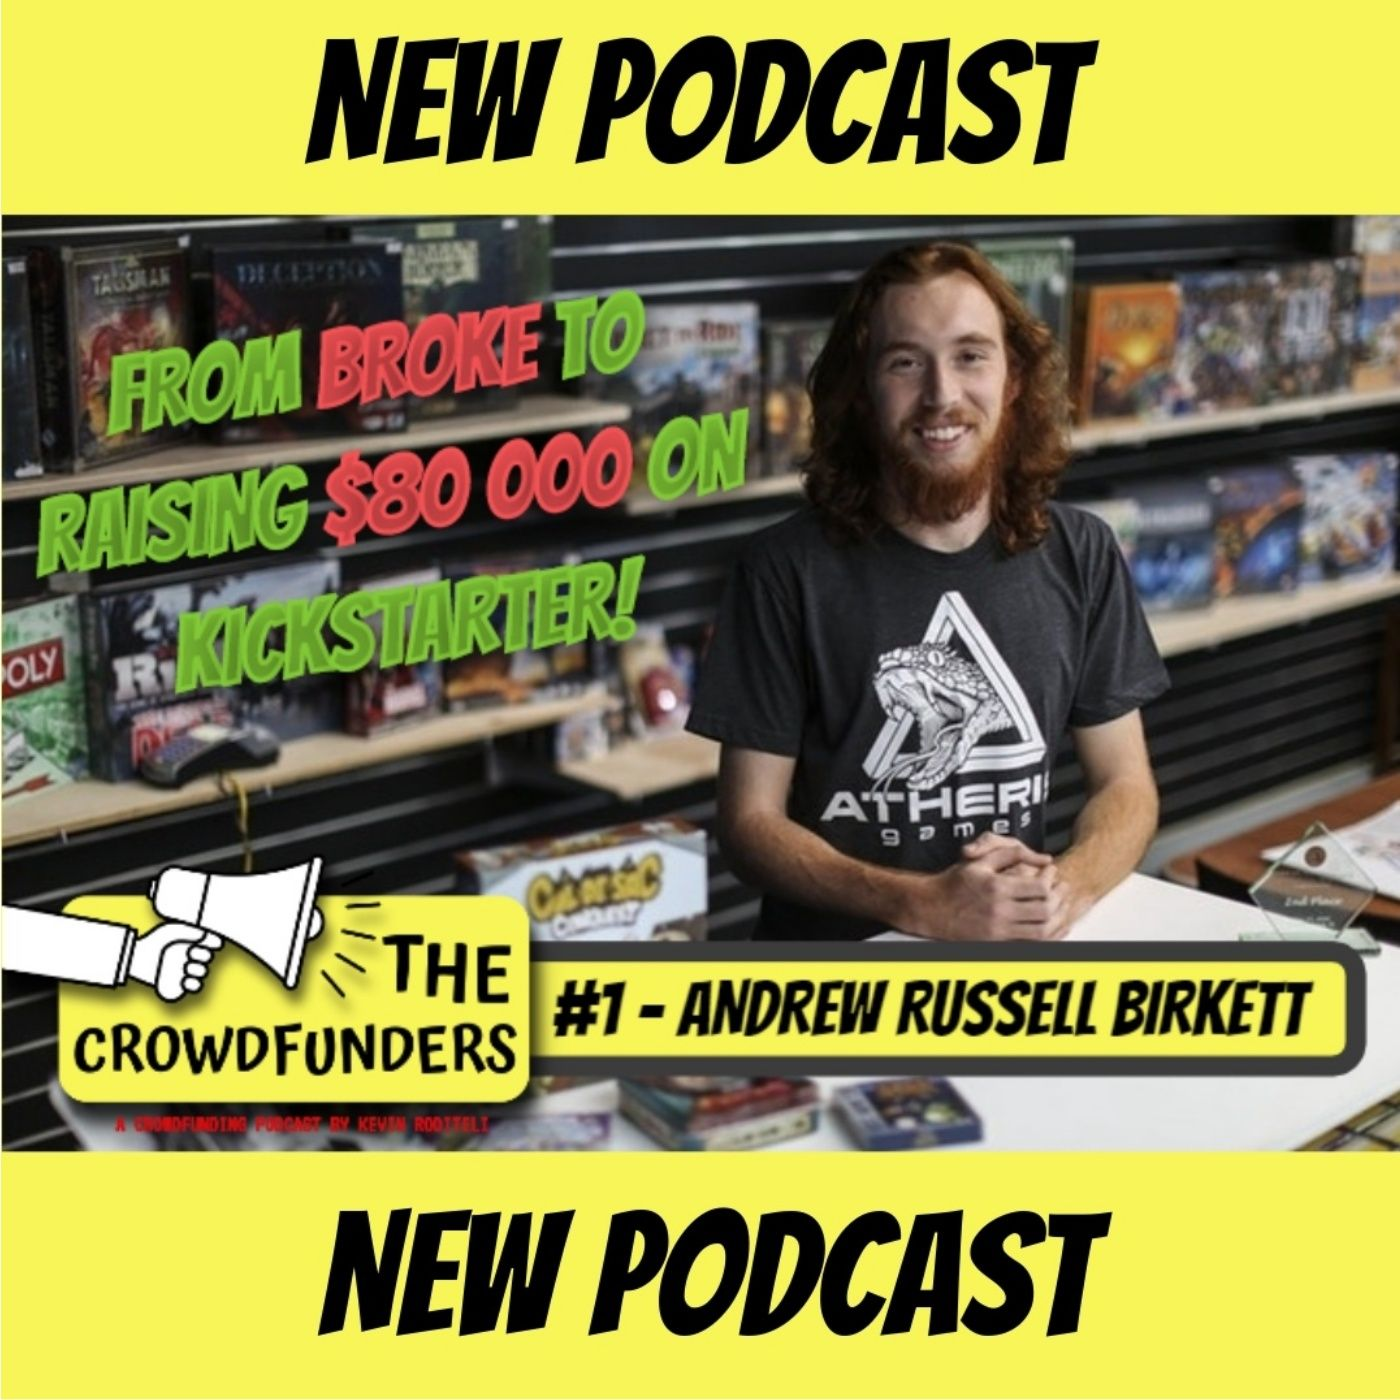 From Broke to raising $80 000 on Kickstarter! | Andrew Russell Birkett